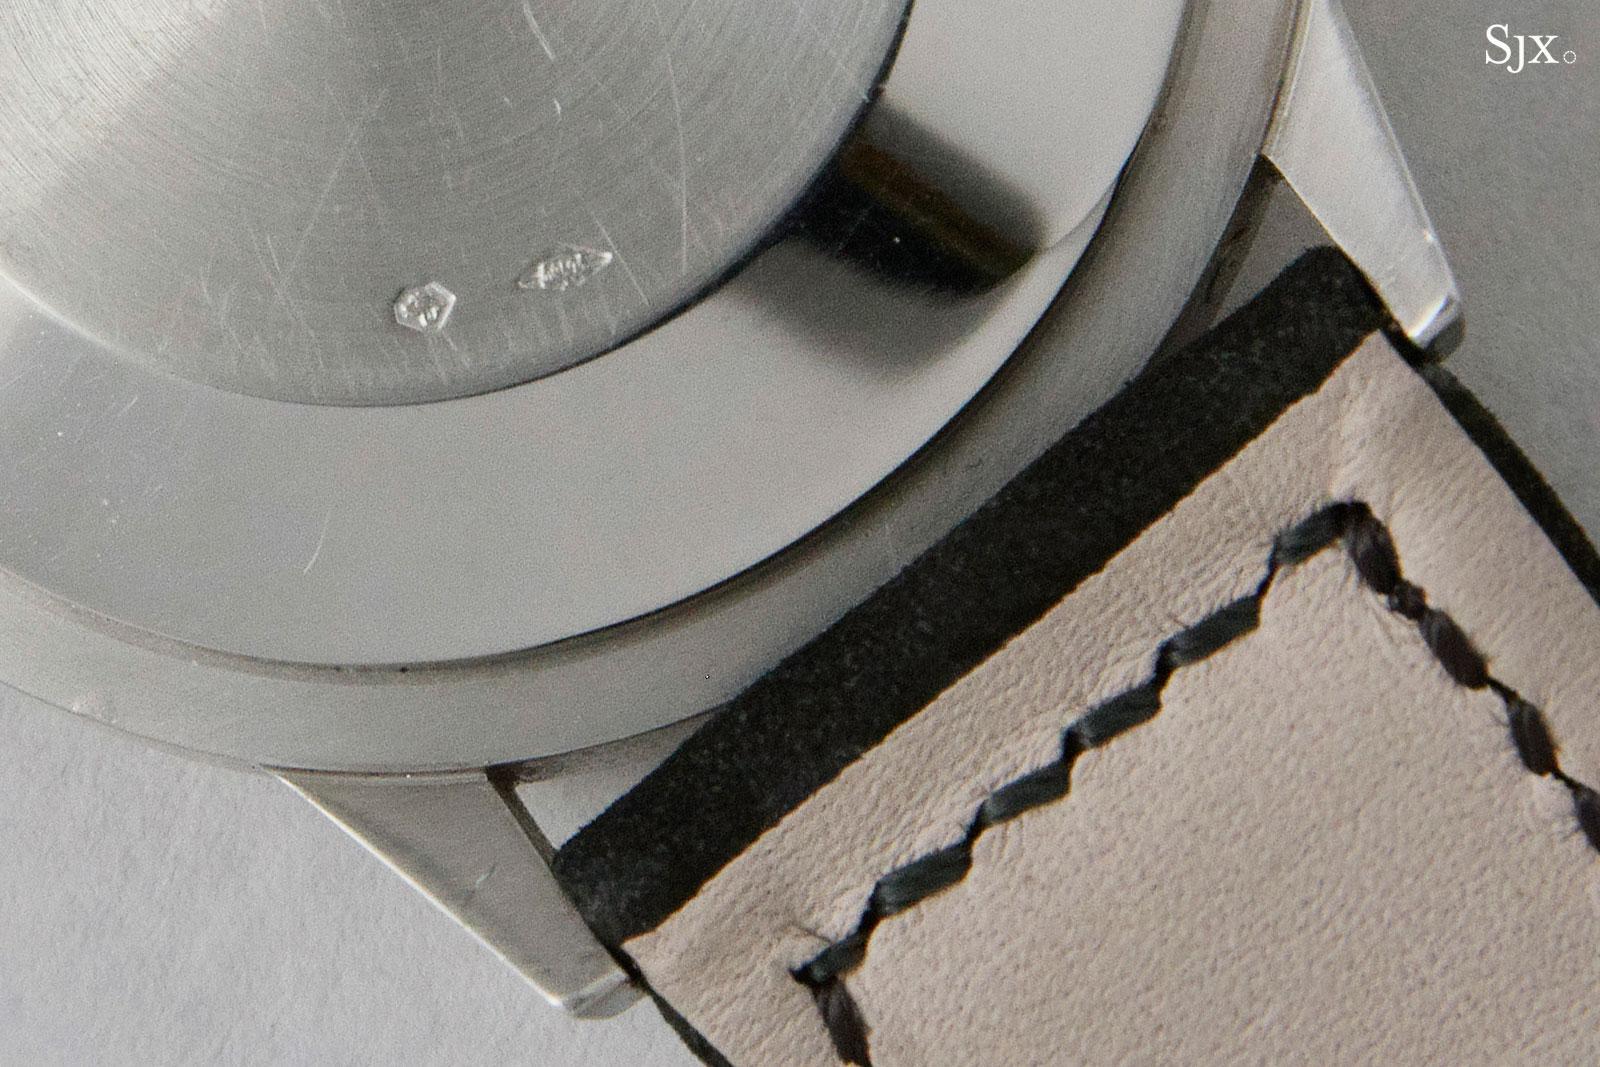 Patek Philippe 3448 platinum 3